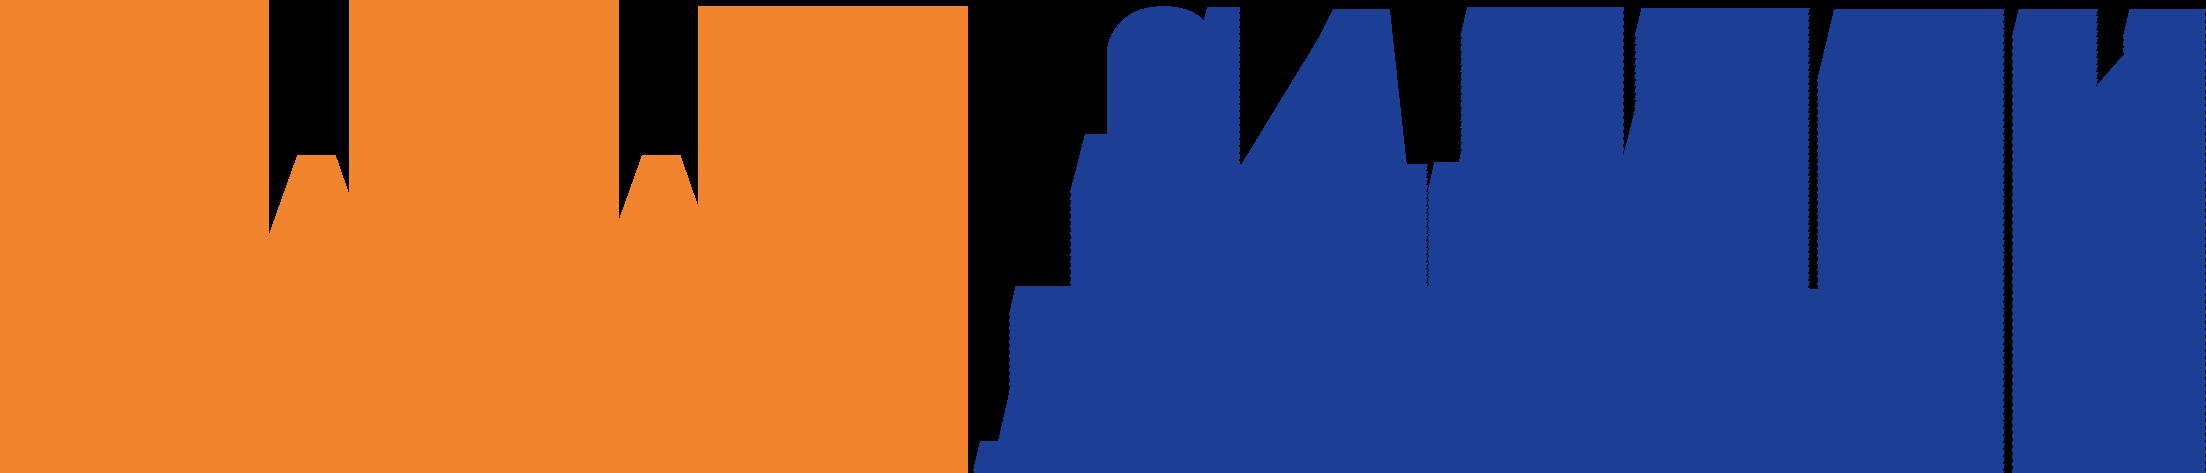 Safety Brite